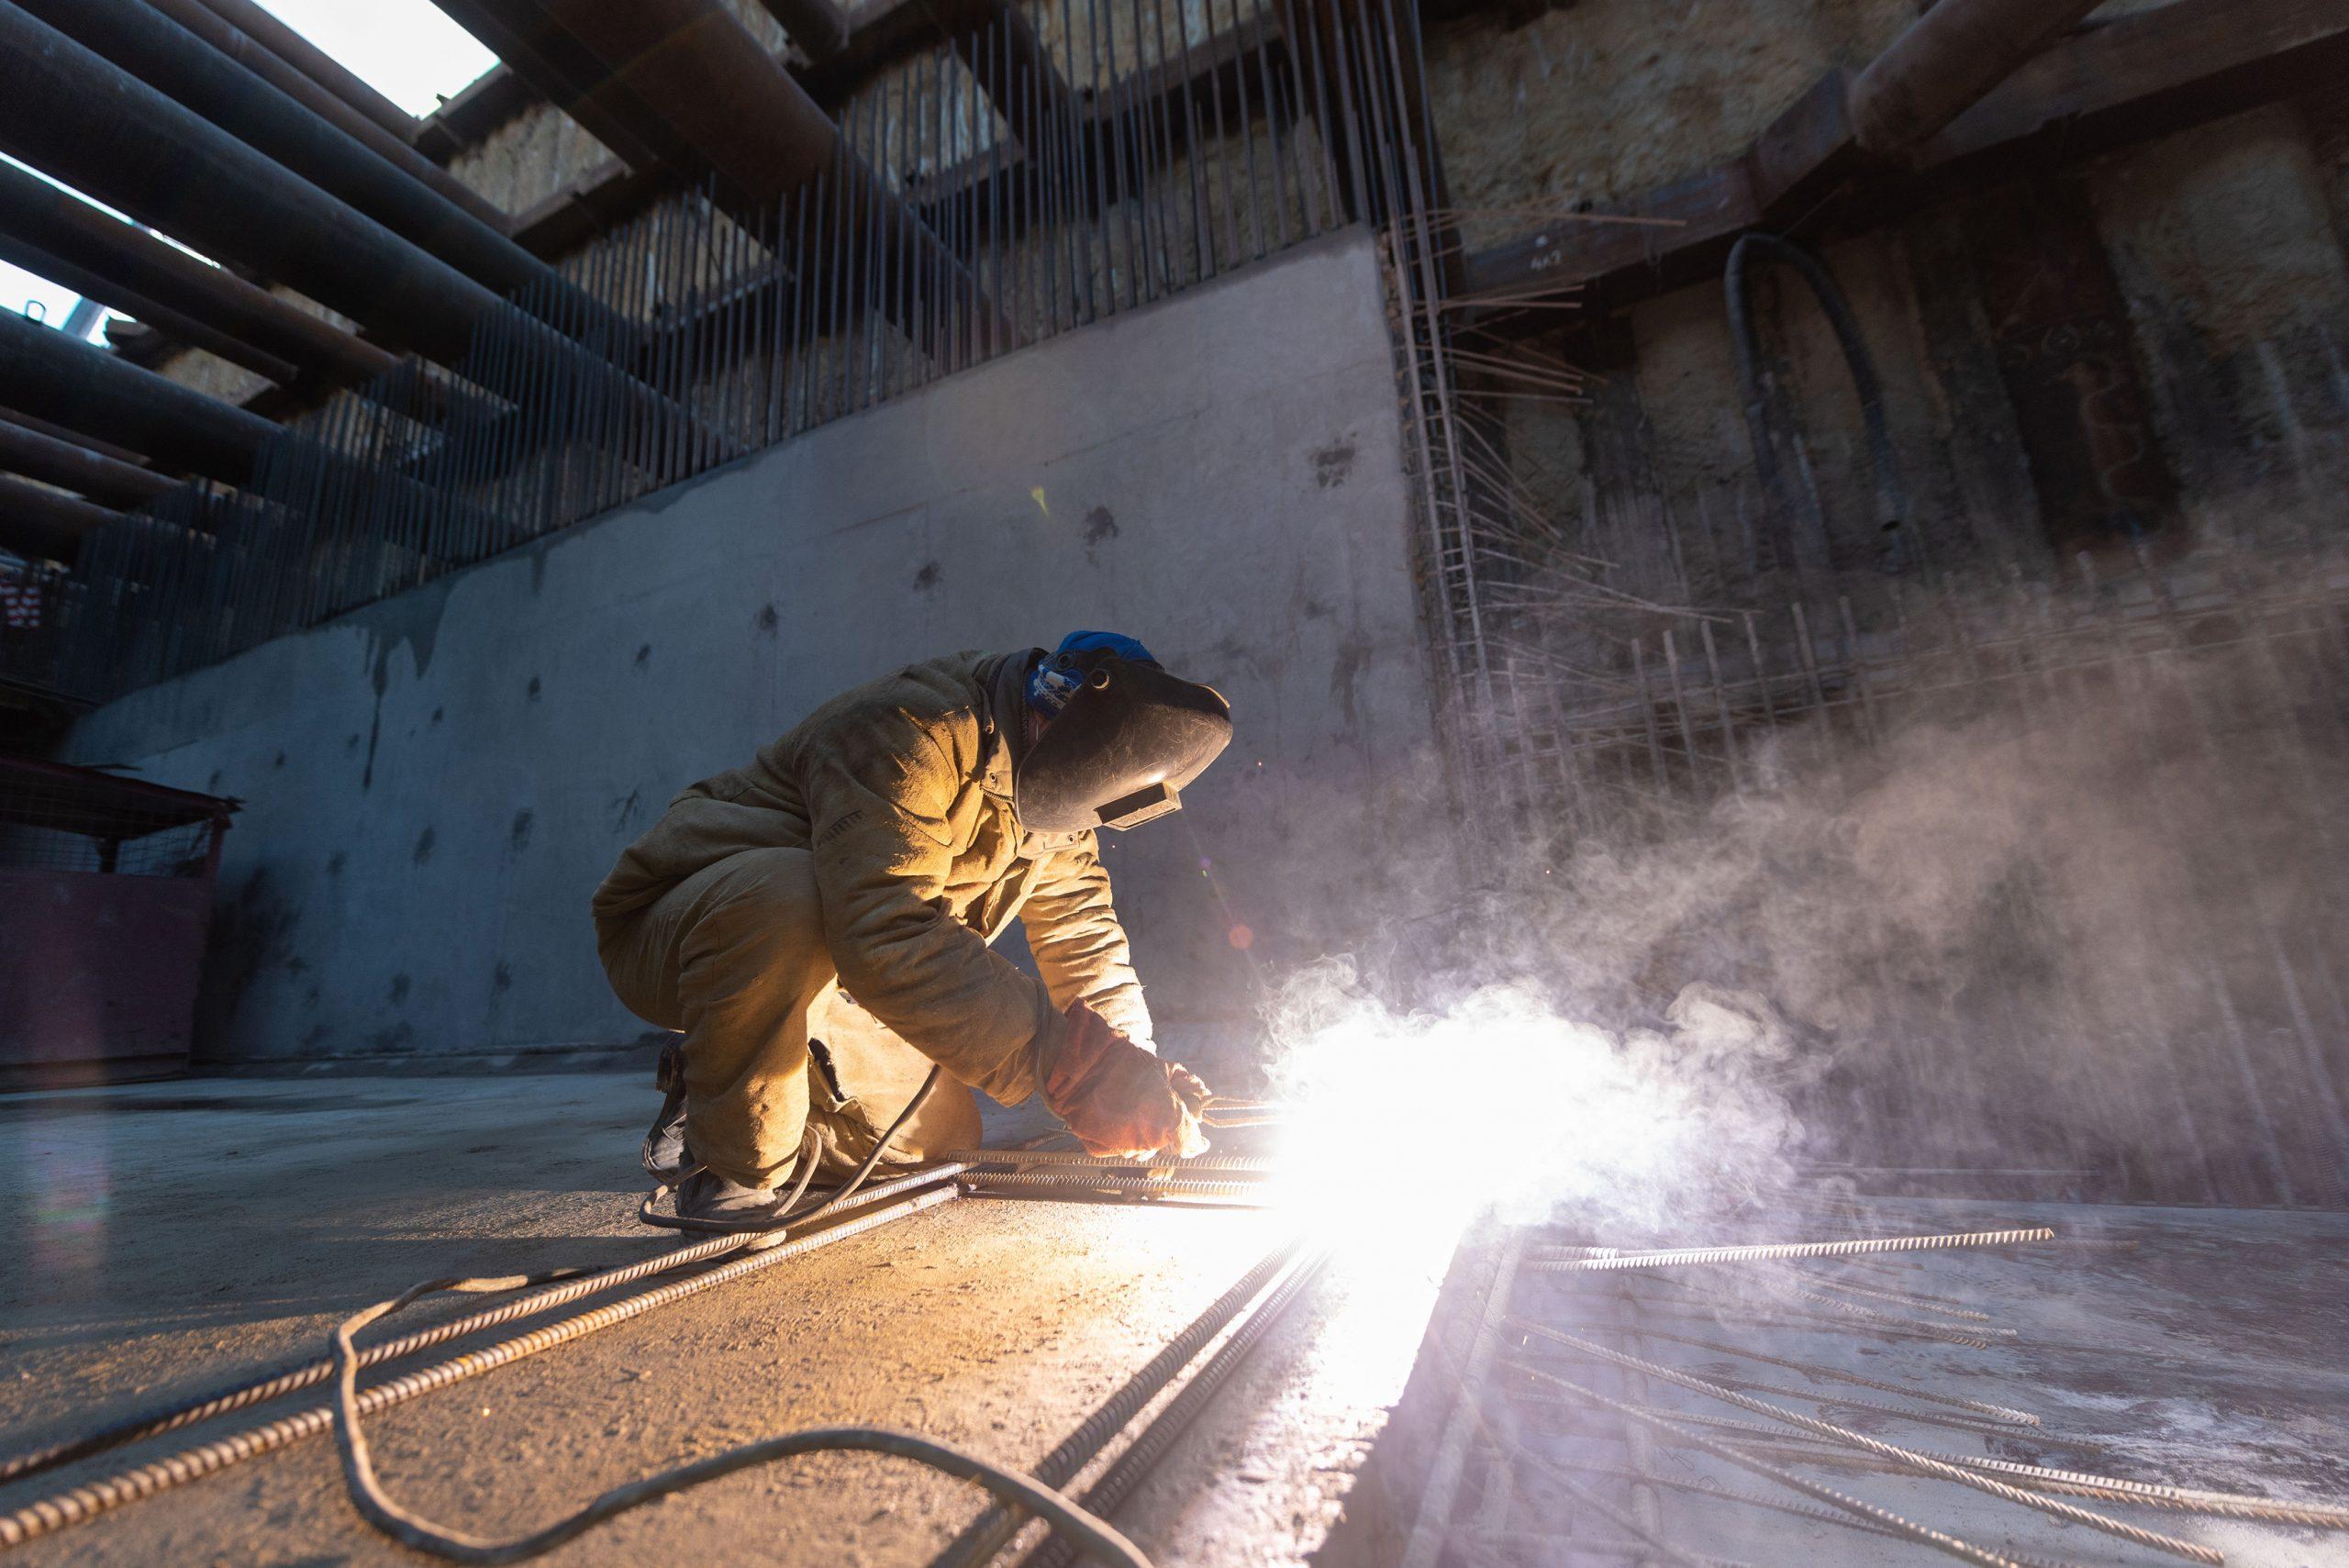 Москвичам рассказали об интересных фактах при строительстве Большой кольцевой линии